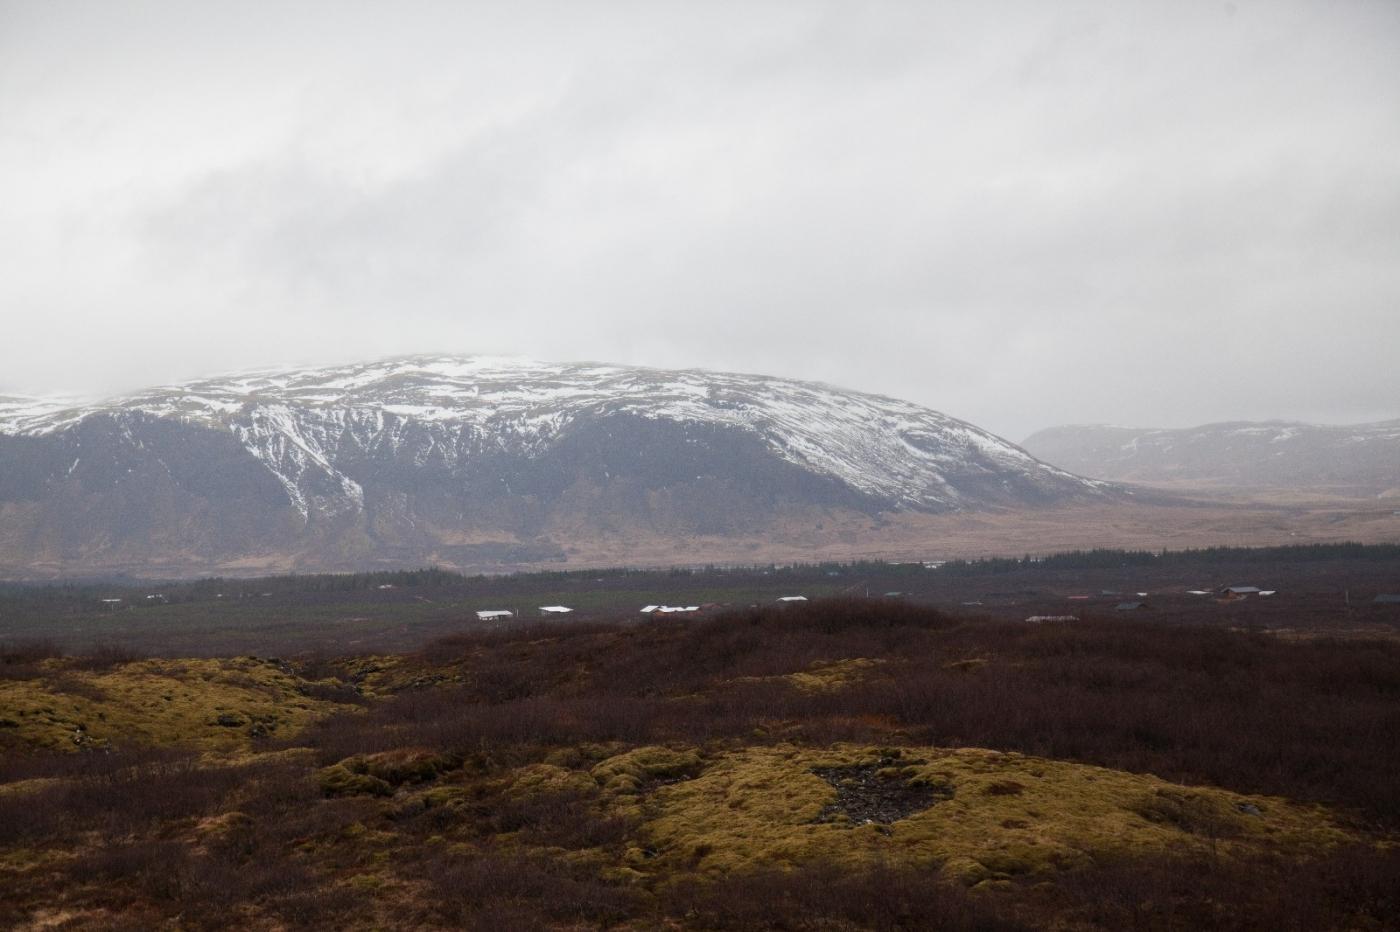 冰岛异国风情_图1-1